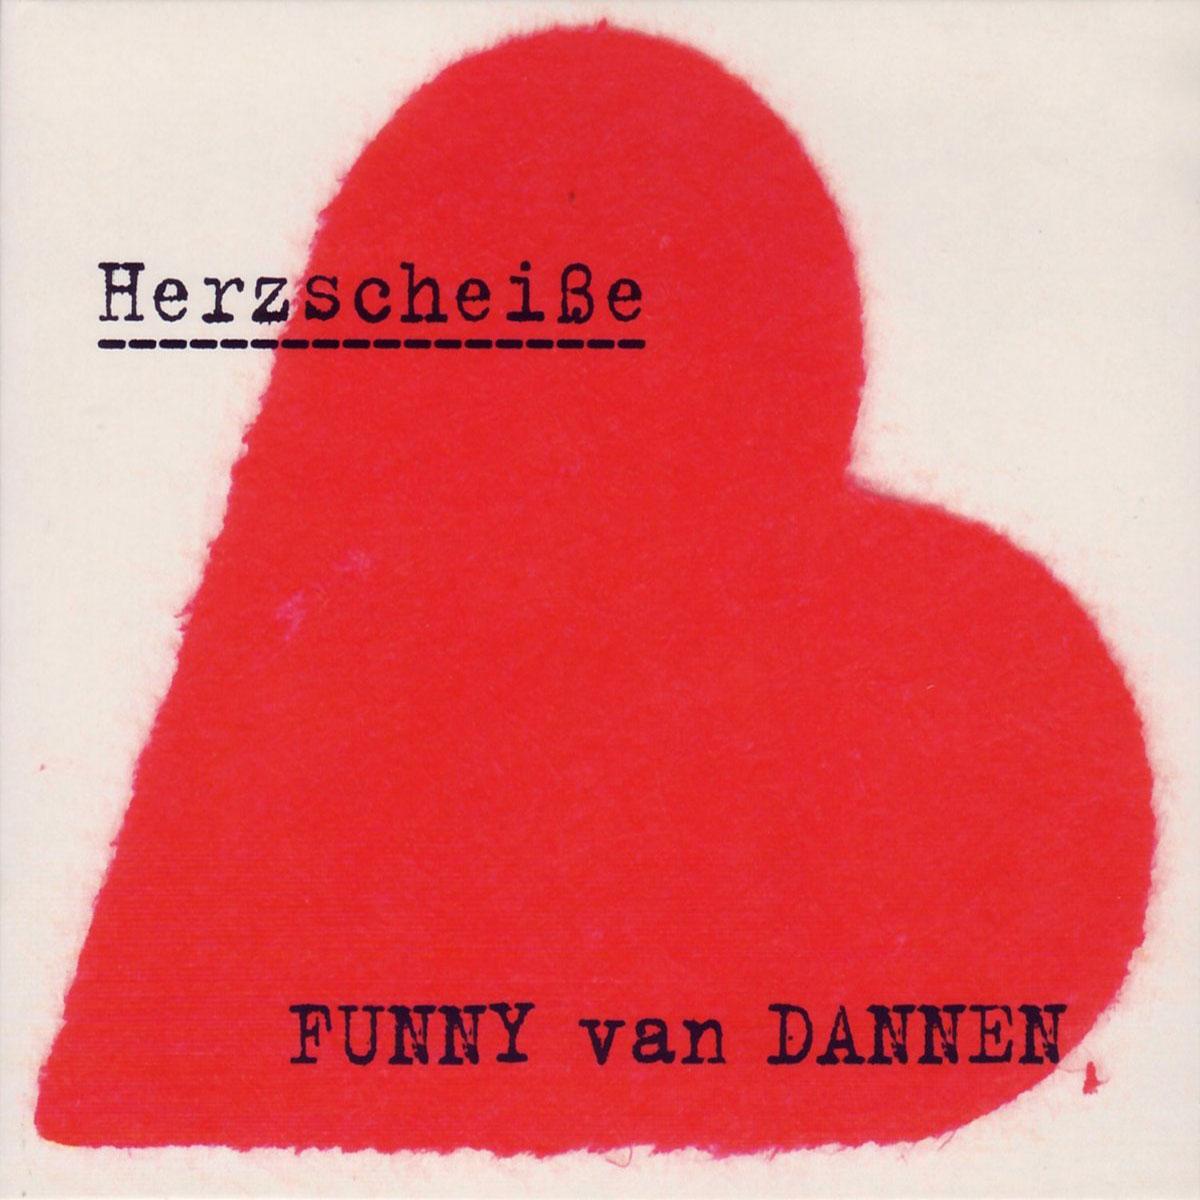 Funny van Dannen - Herzscheiße